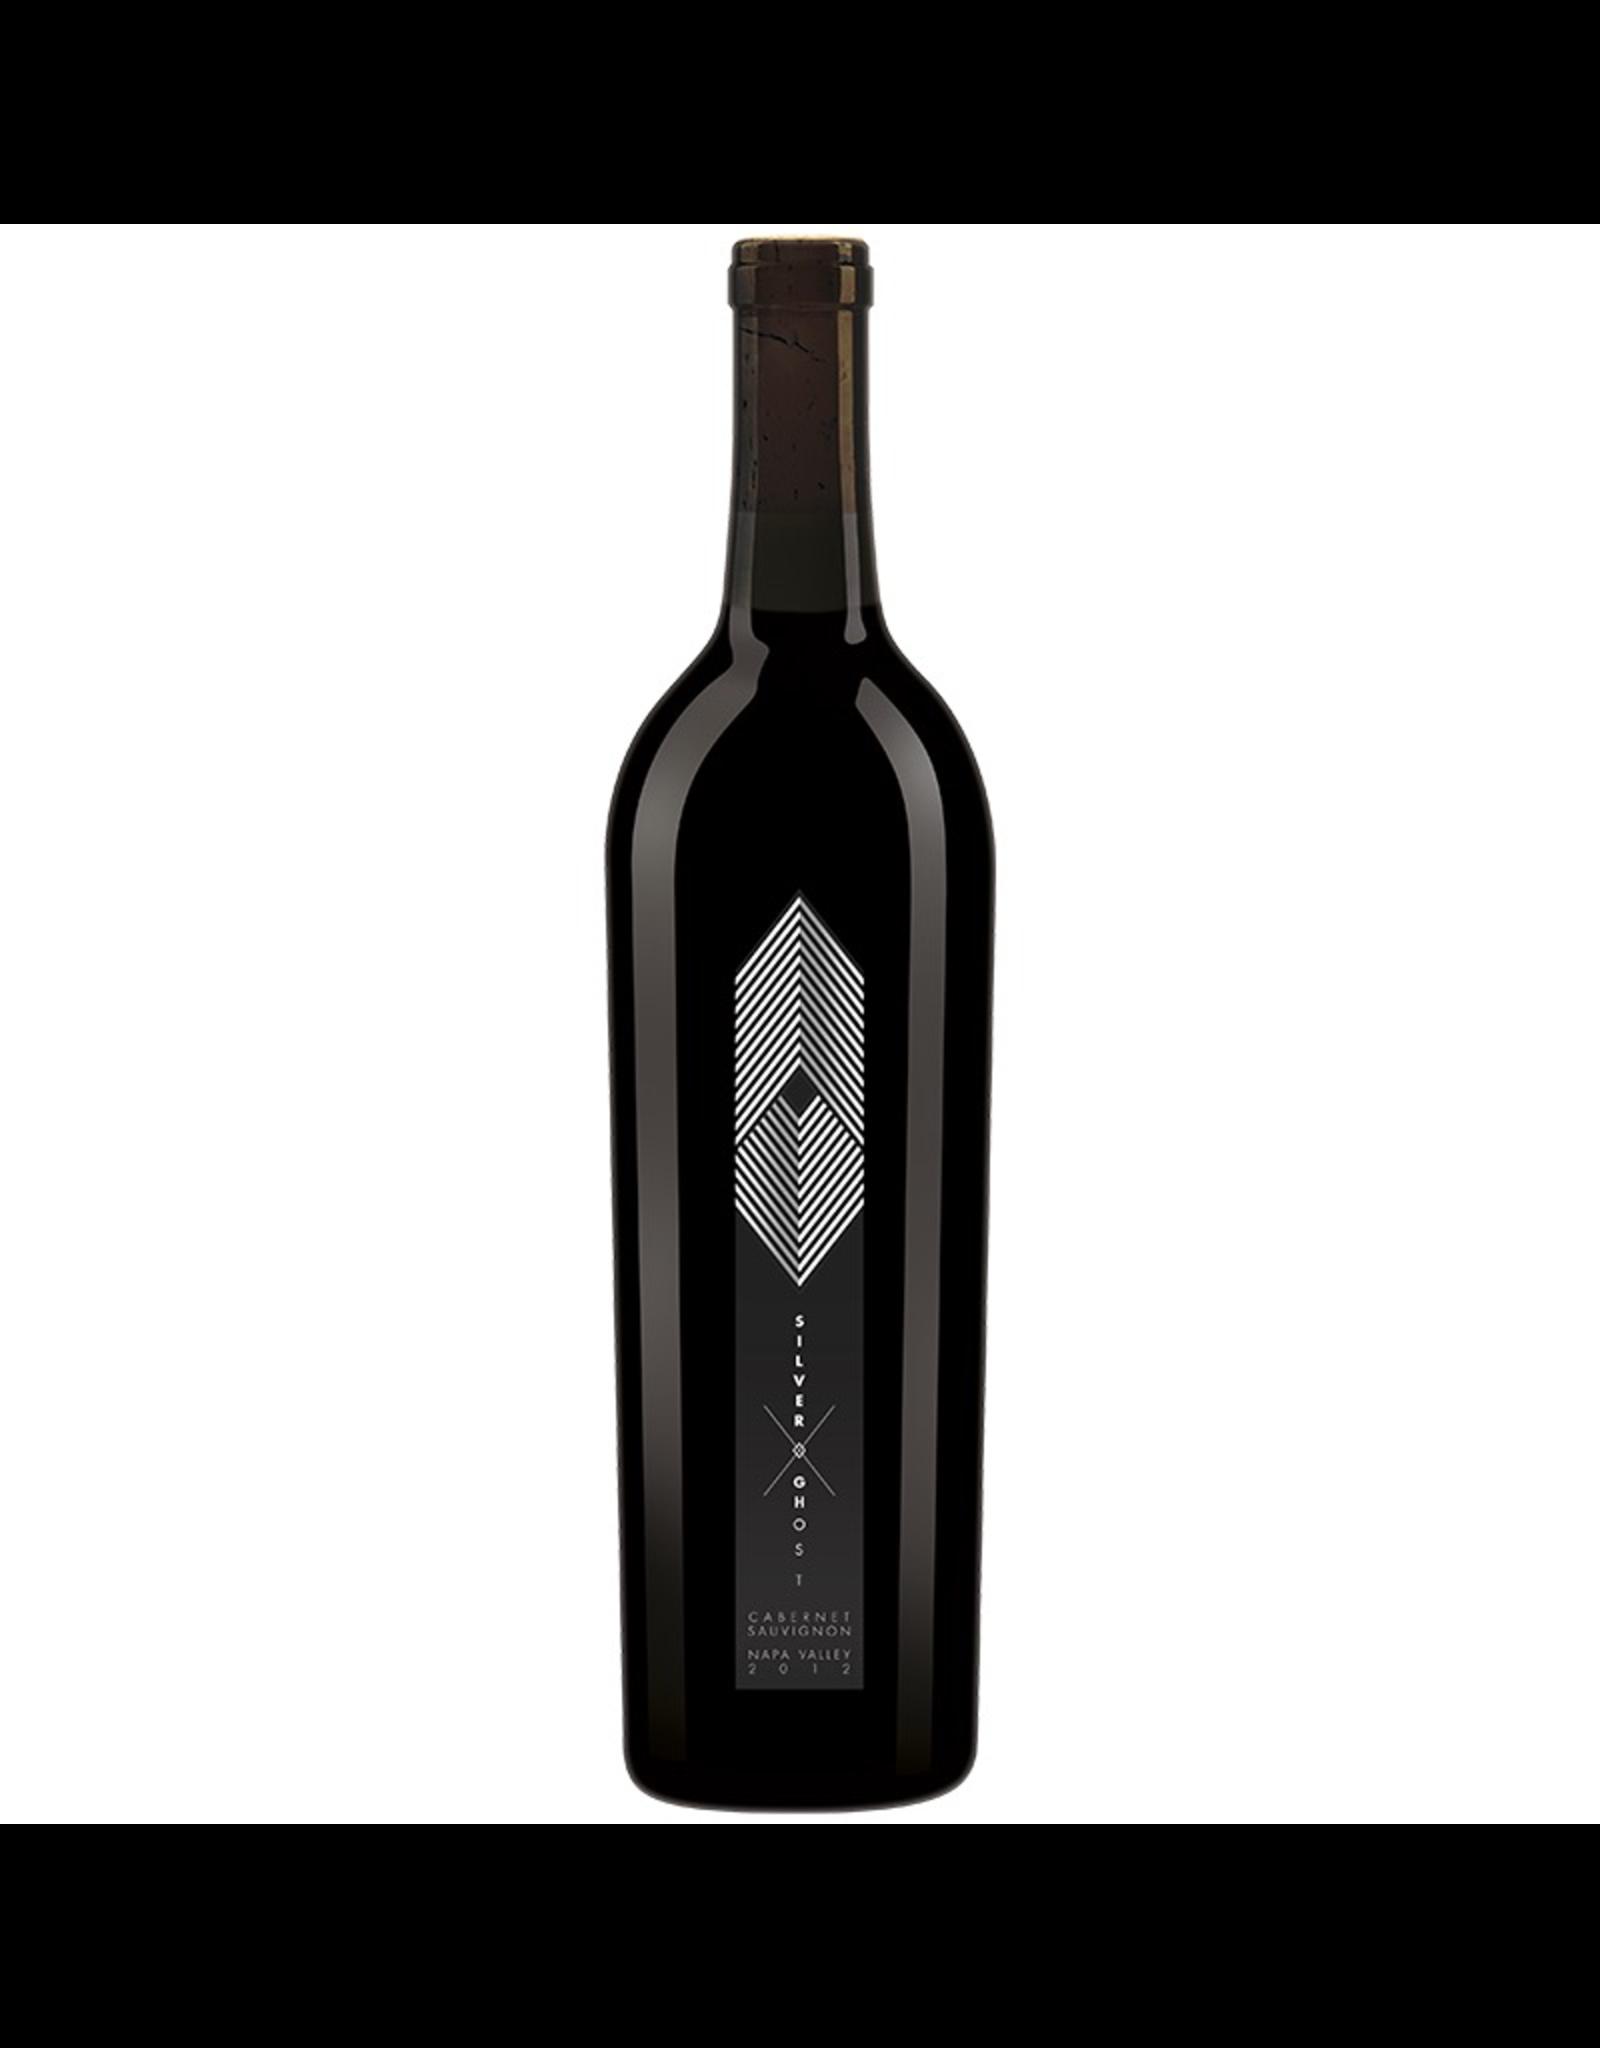 Red Wine 2017, Silver Ghost, Cabernet Sauvignon, Napa Valley, Napa, California, 14.5% Alc, CTnr WE91